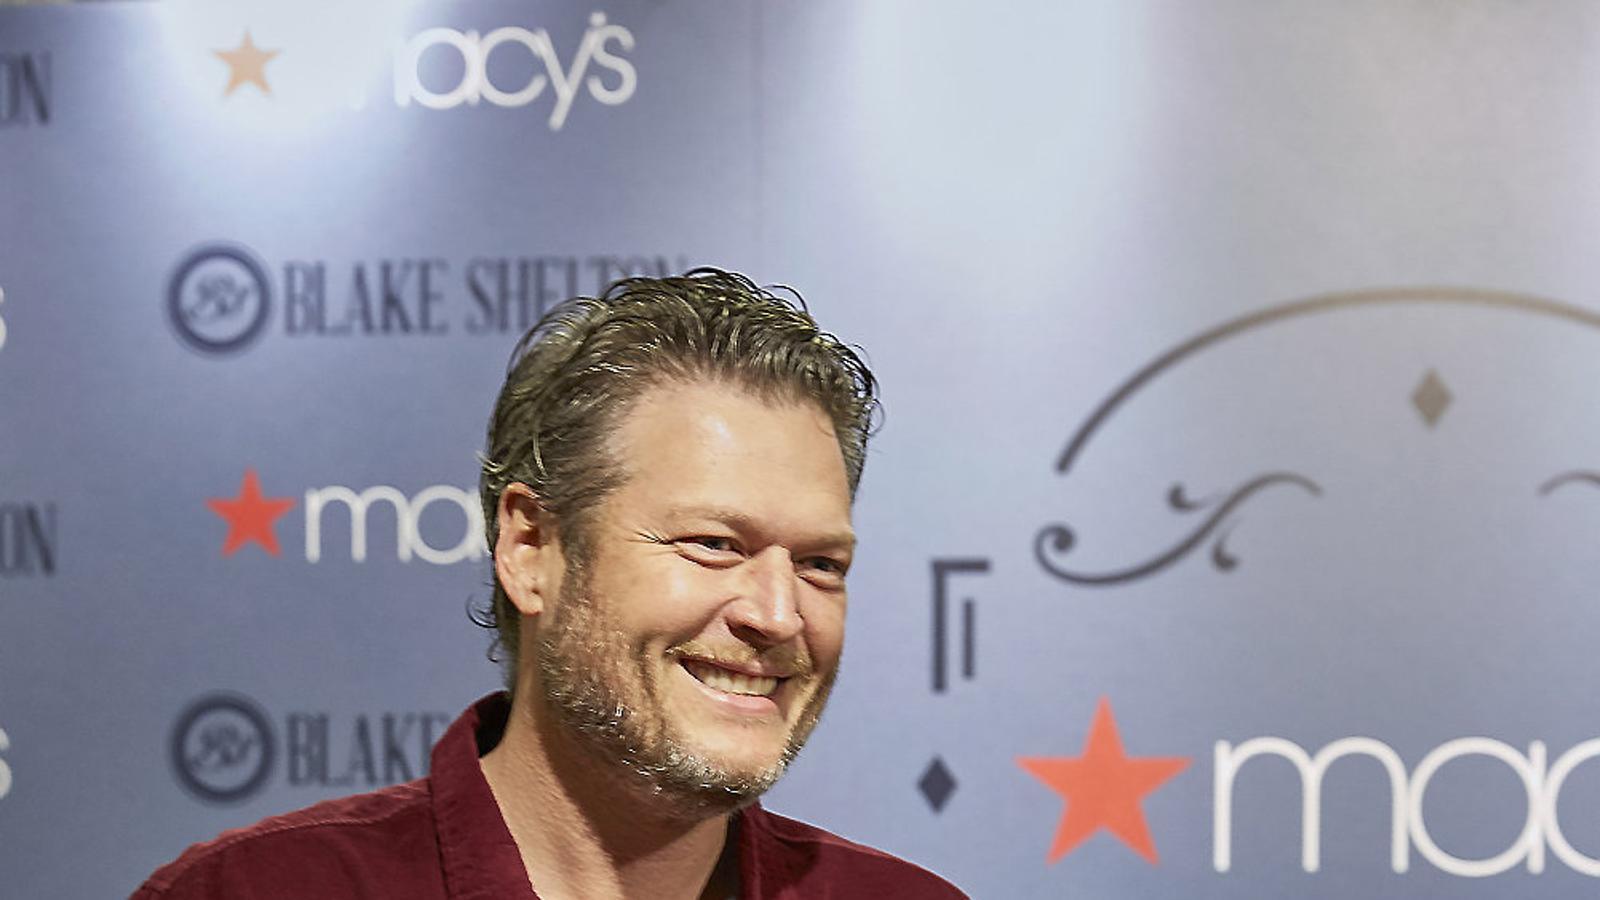 Blake Shelton durant la presentació de la línia de roba que ha batejat amb les seves inicials.